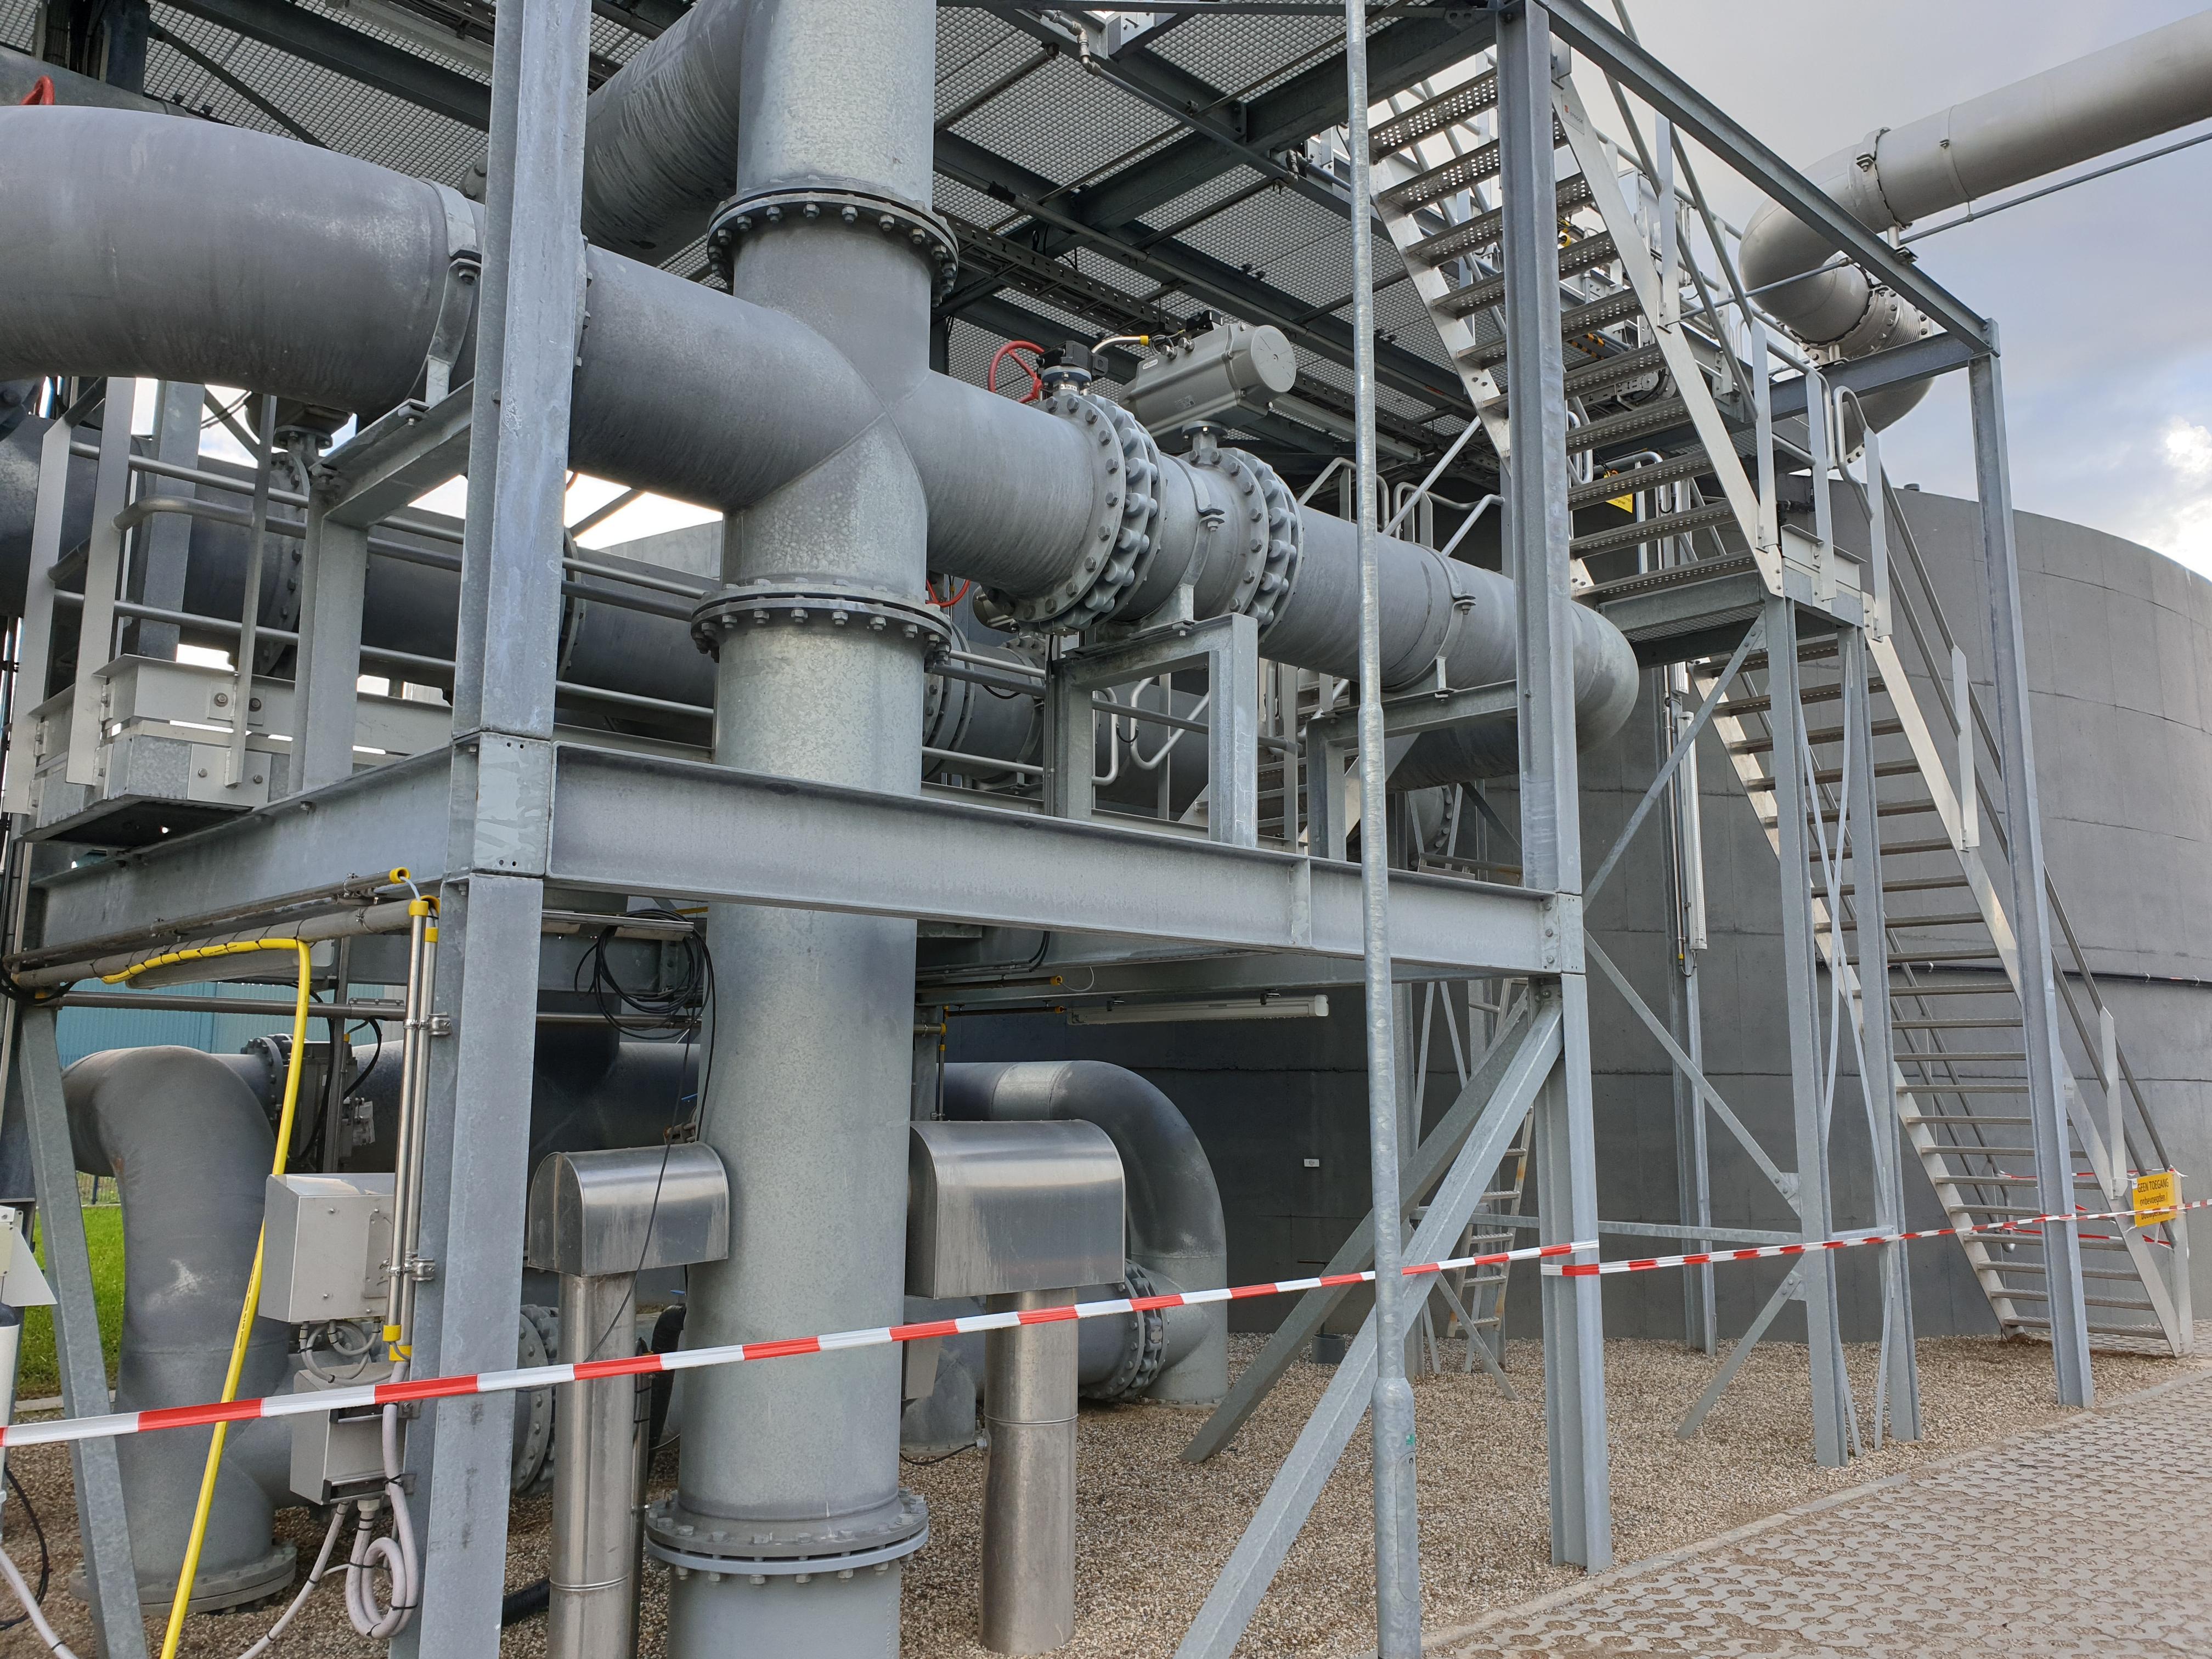 Grondstoffenfabriek Zutphen